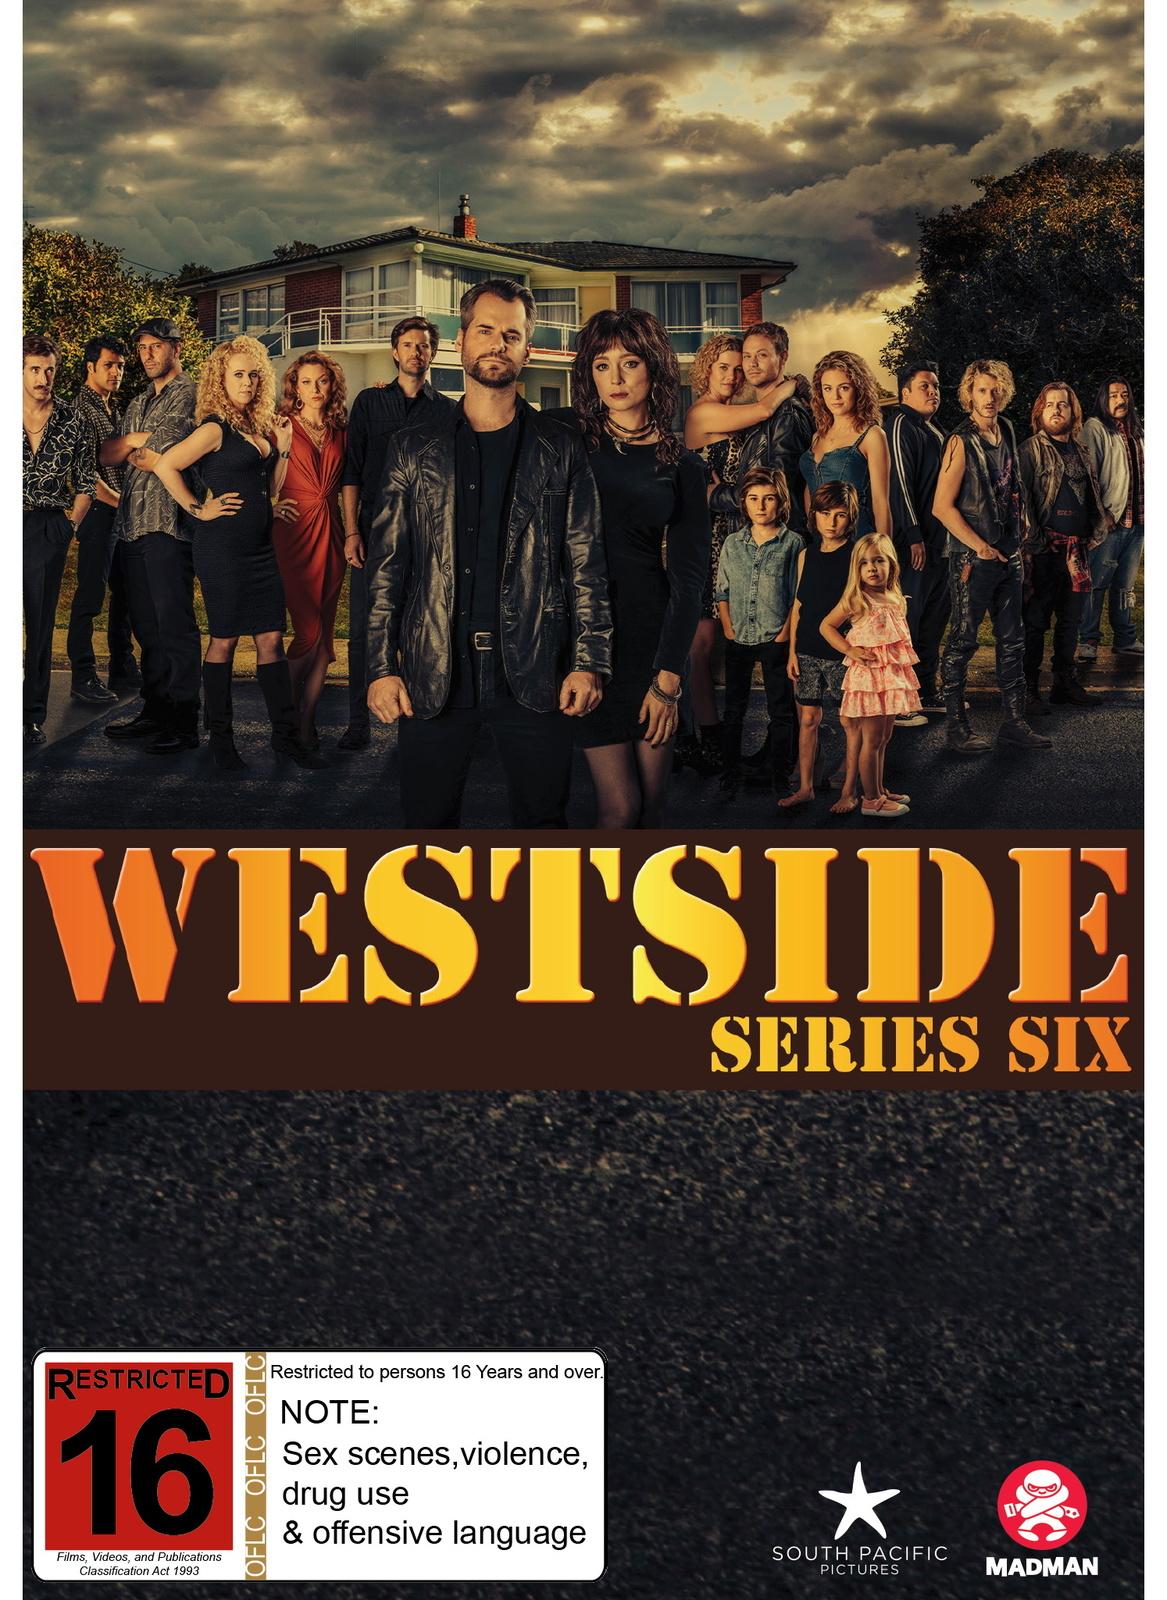 Westside - Series 6 image